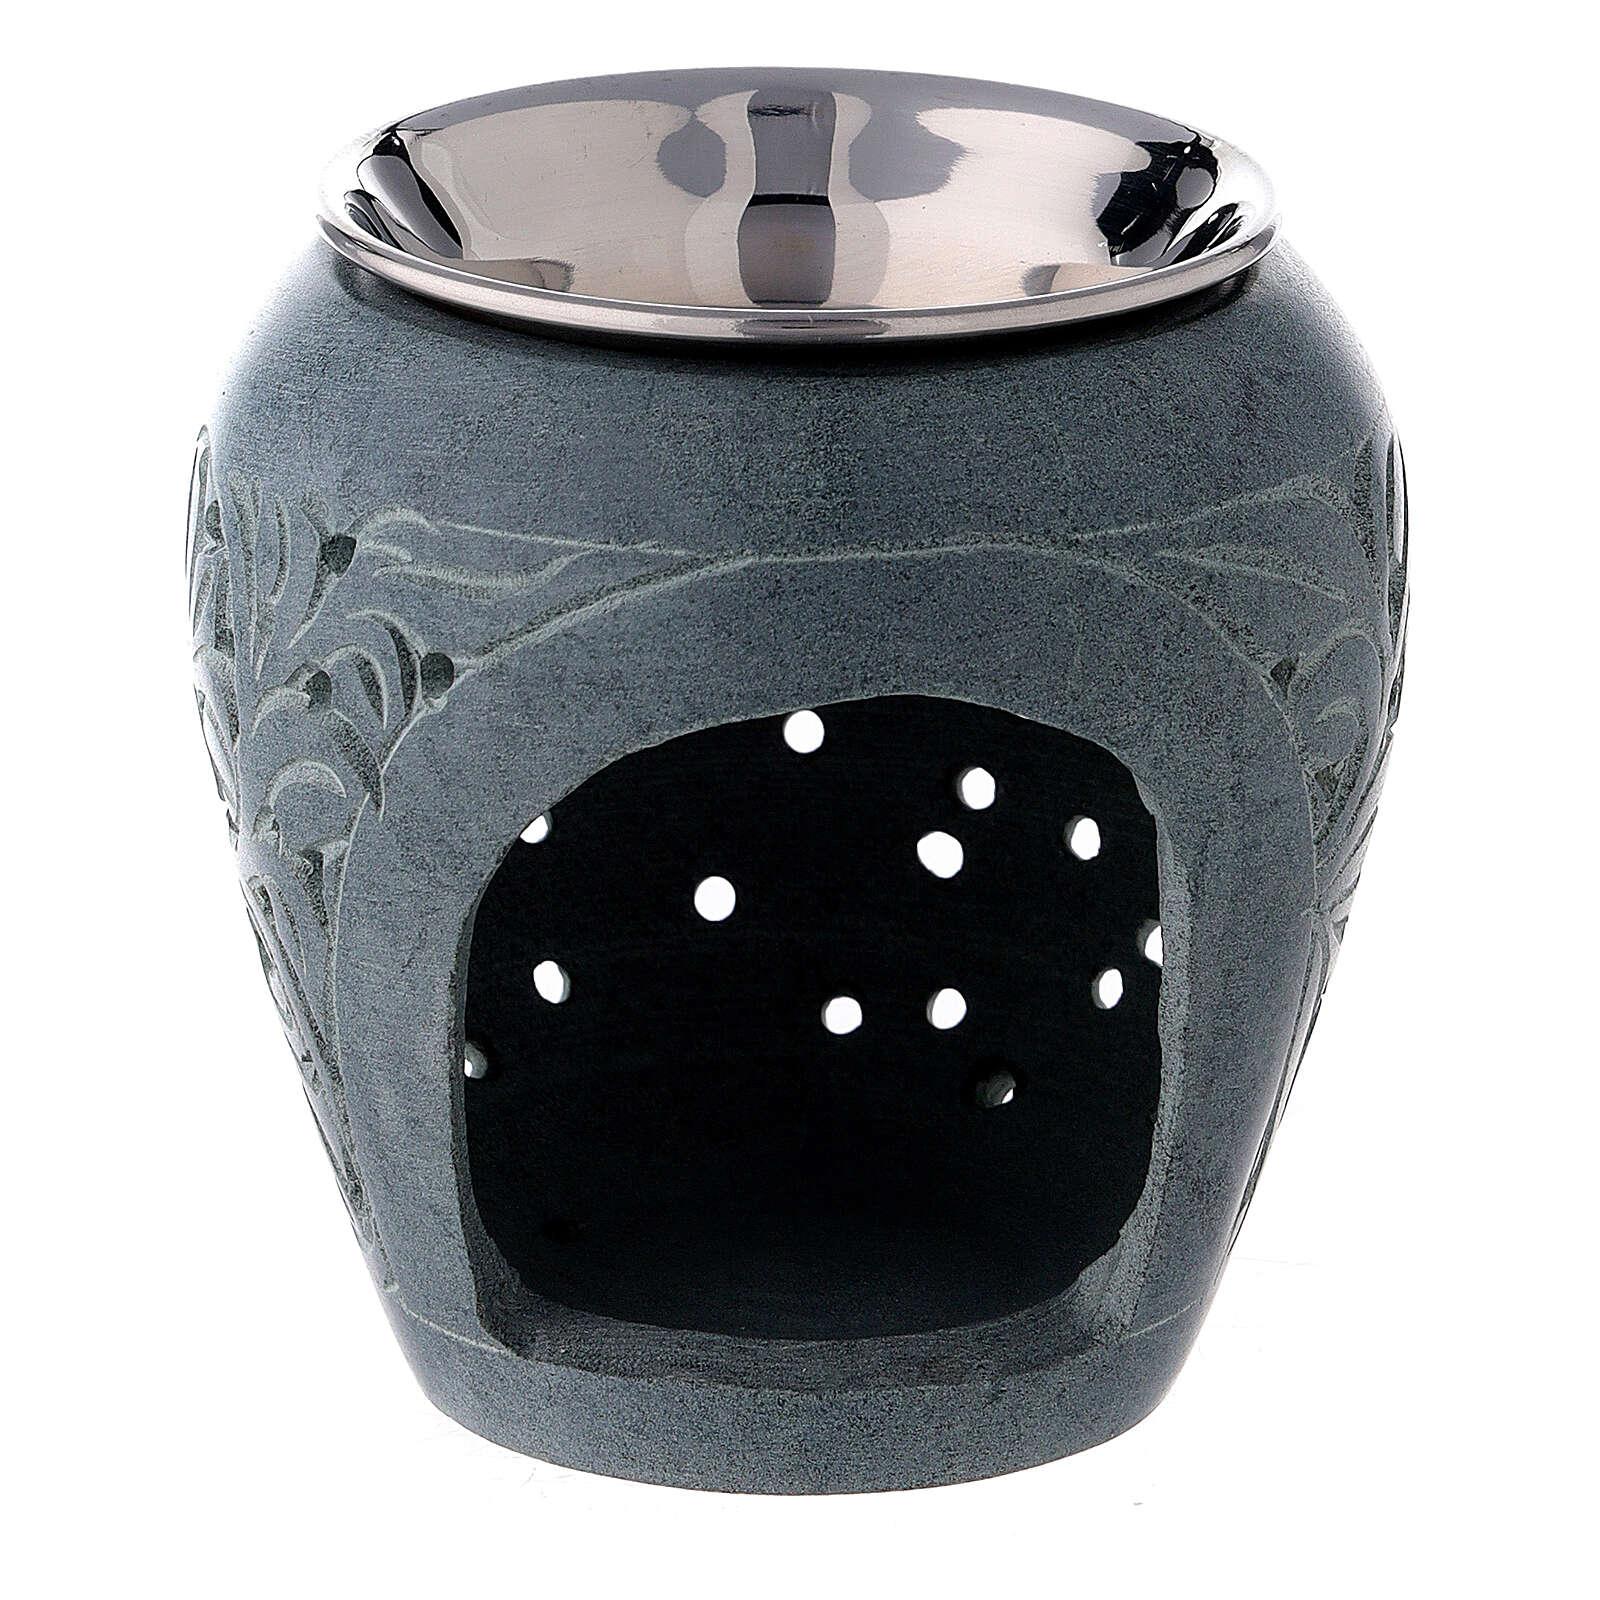 Queimador de incenso pedra-sabão preta folhas gravadas 8 cm 3